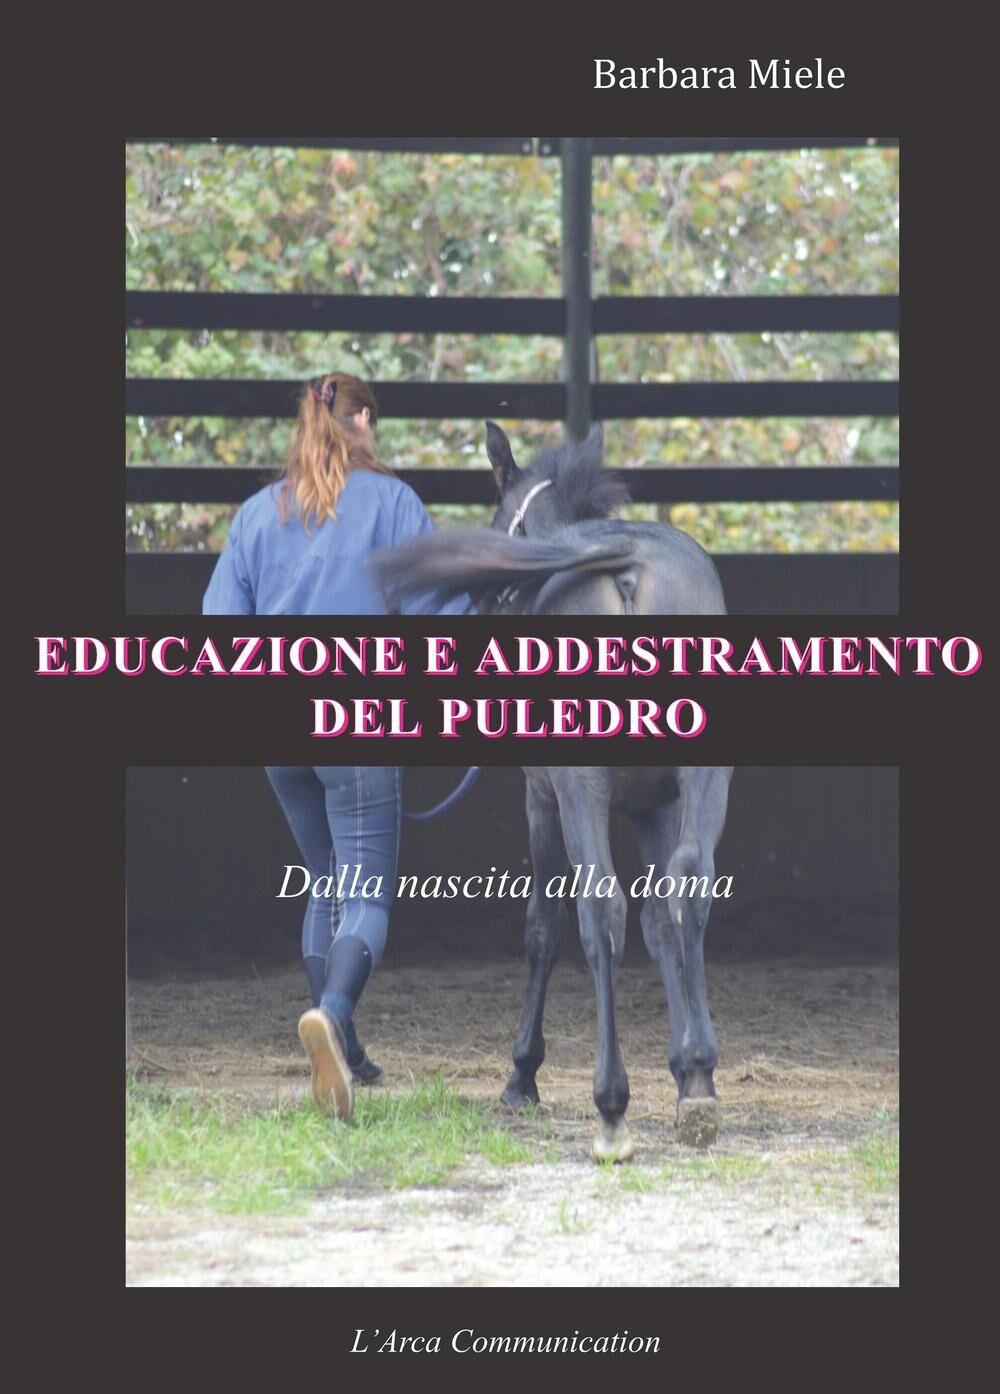 Educazione e addestramento del puledro. Dalla nascita alla doma